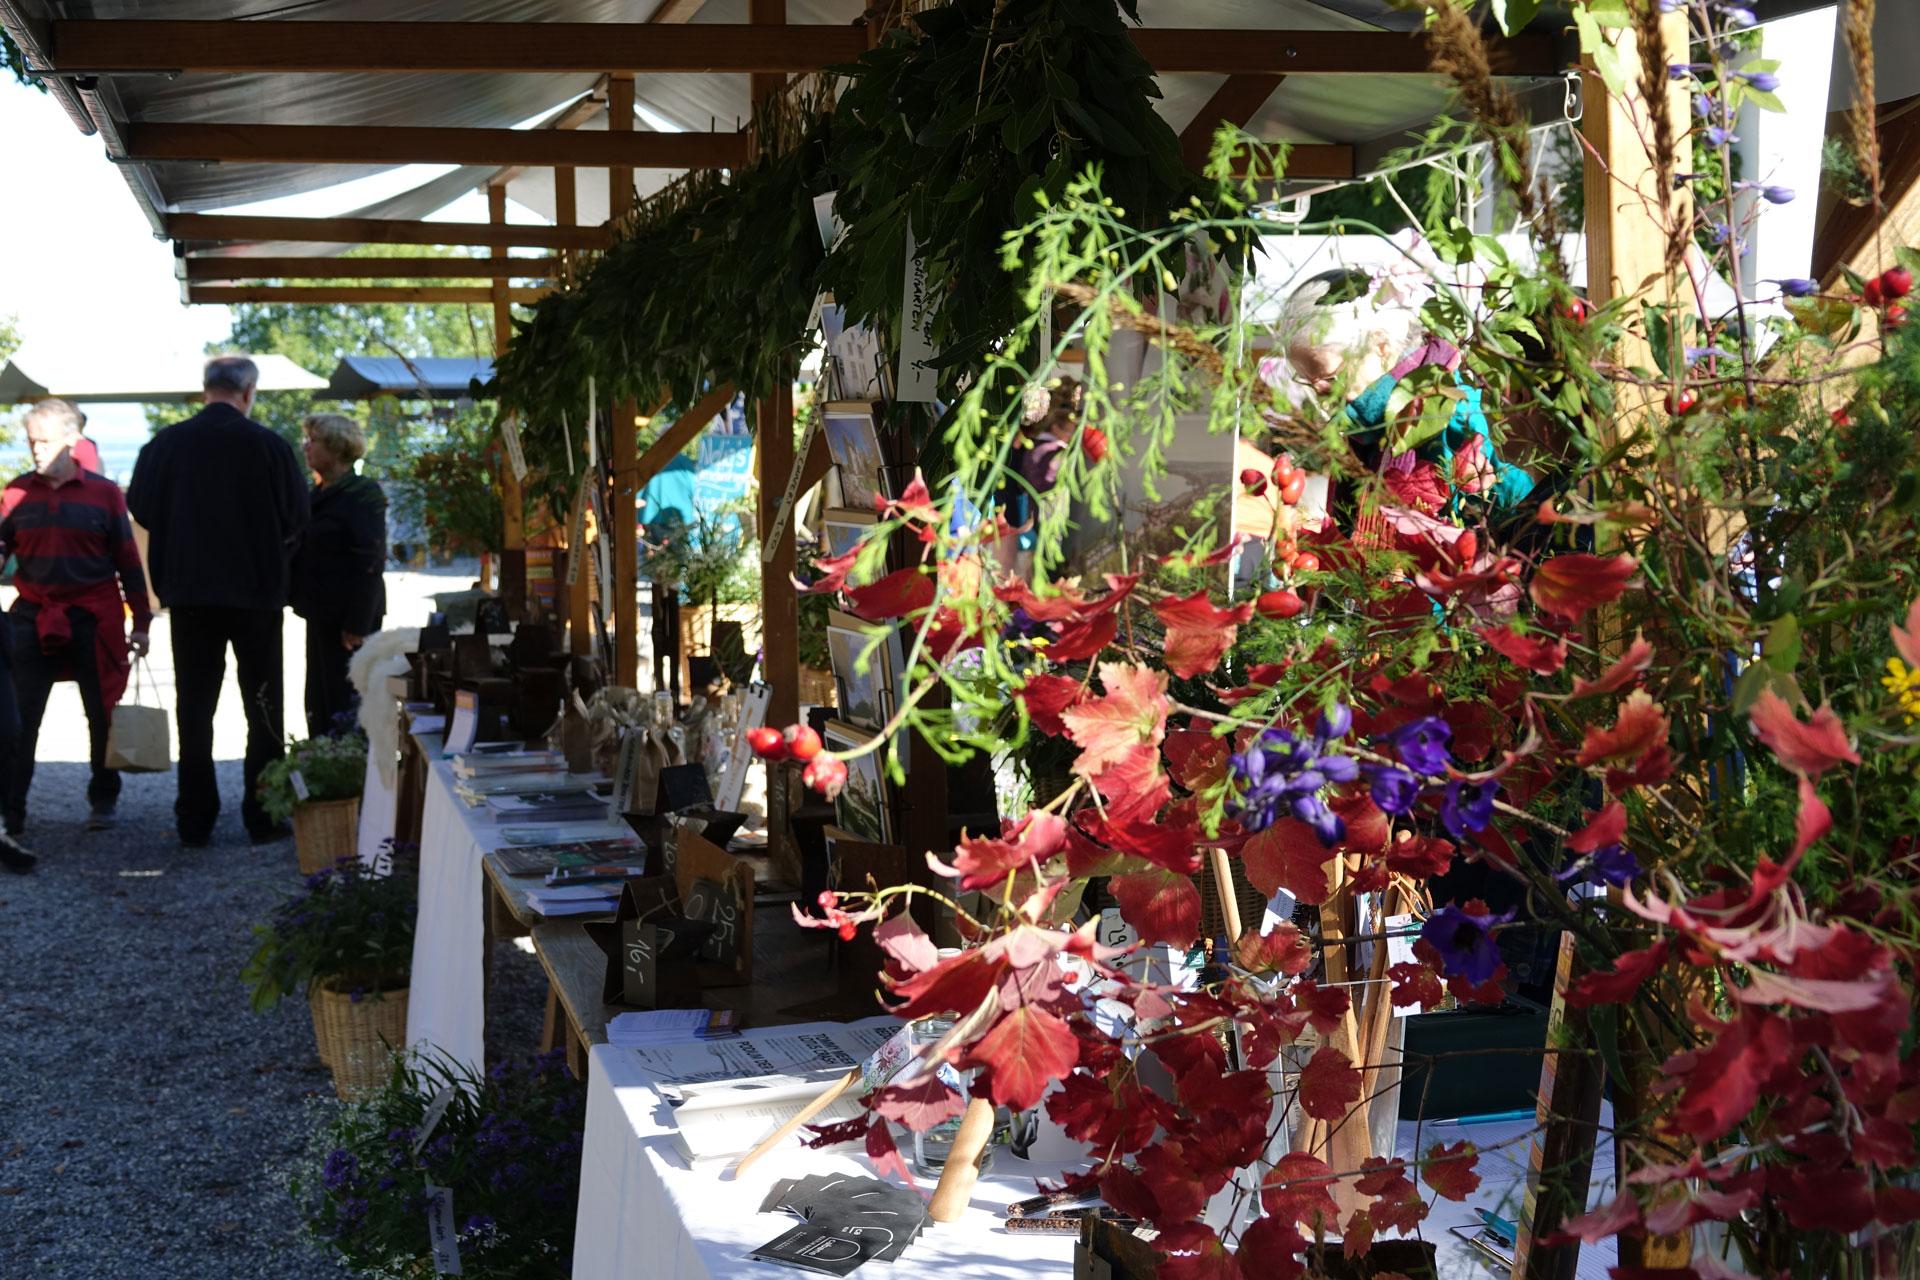 Wartegg_HerbstmarktFest2019_07.JPG